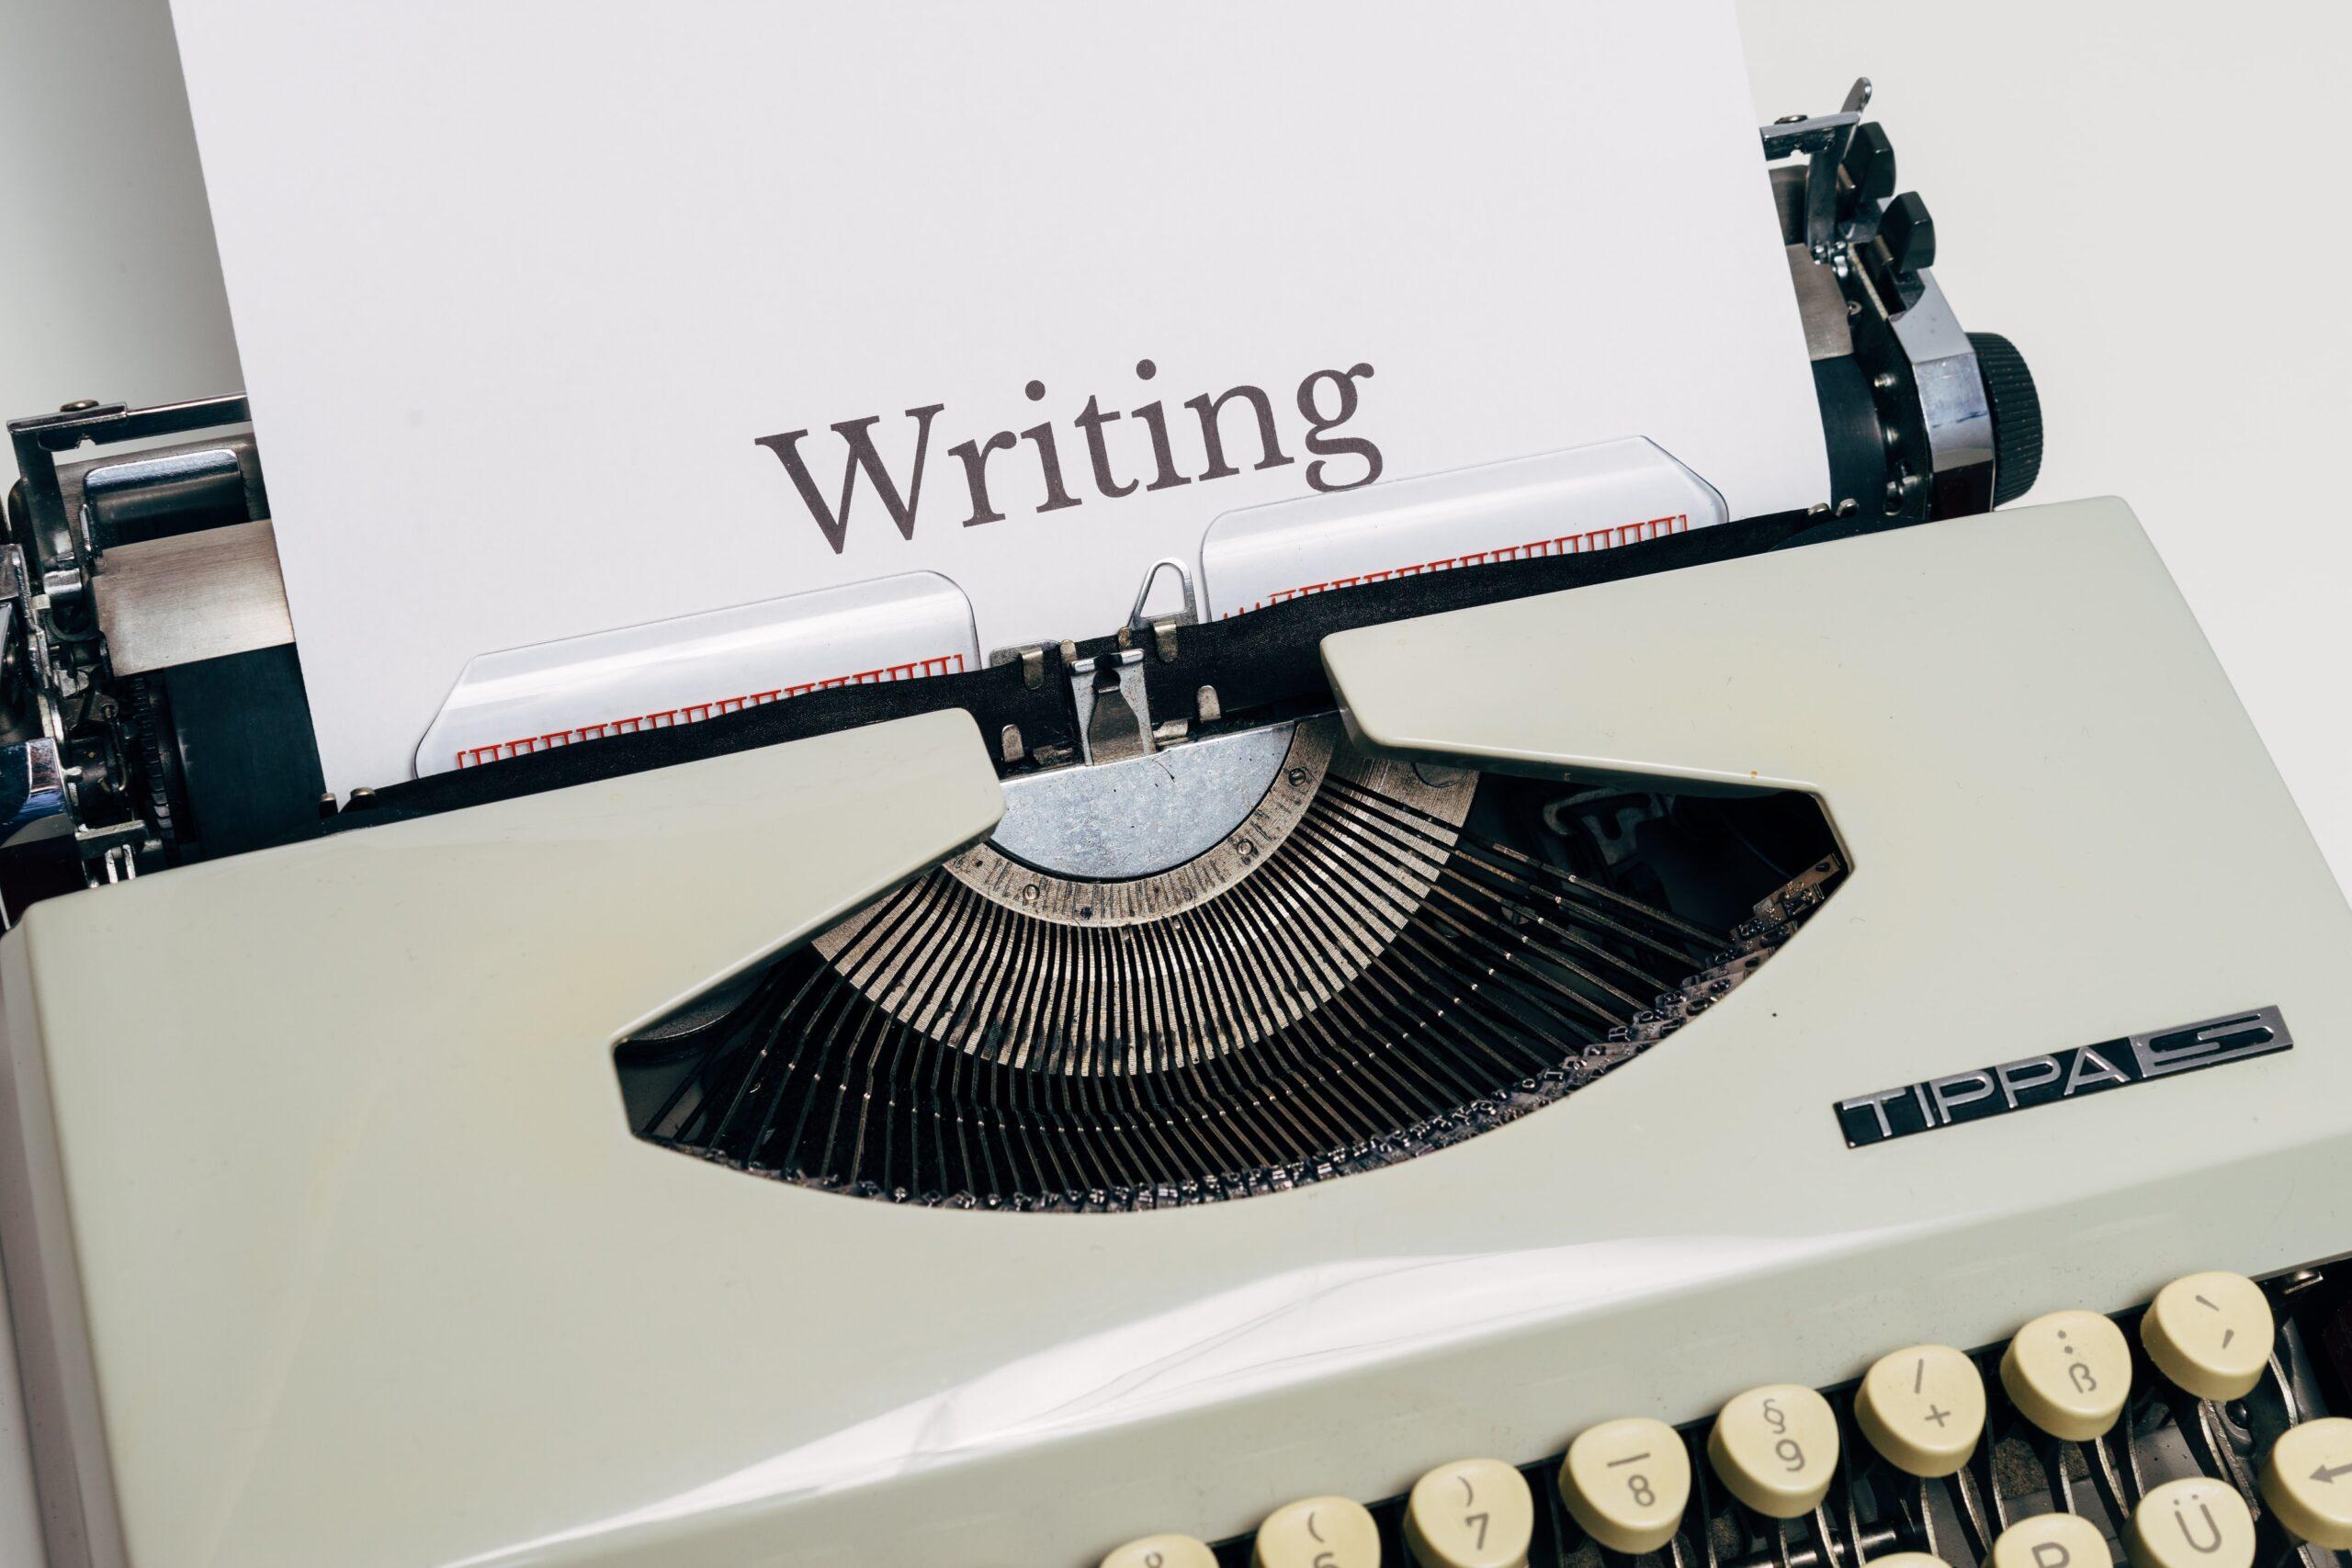 【WordPressを旧エディターに】Classic Editorの使い方と設定